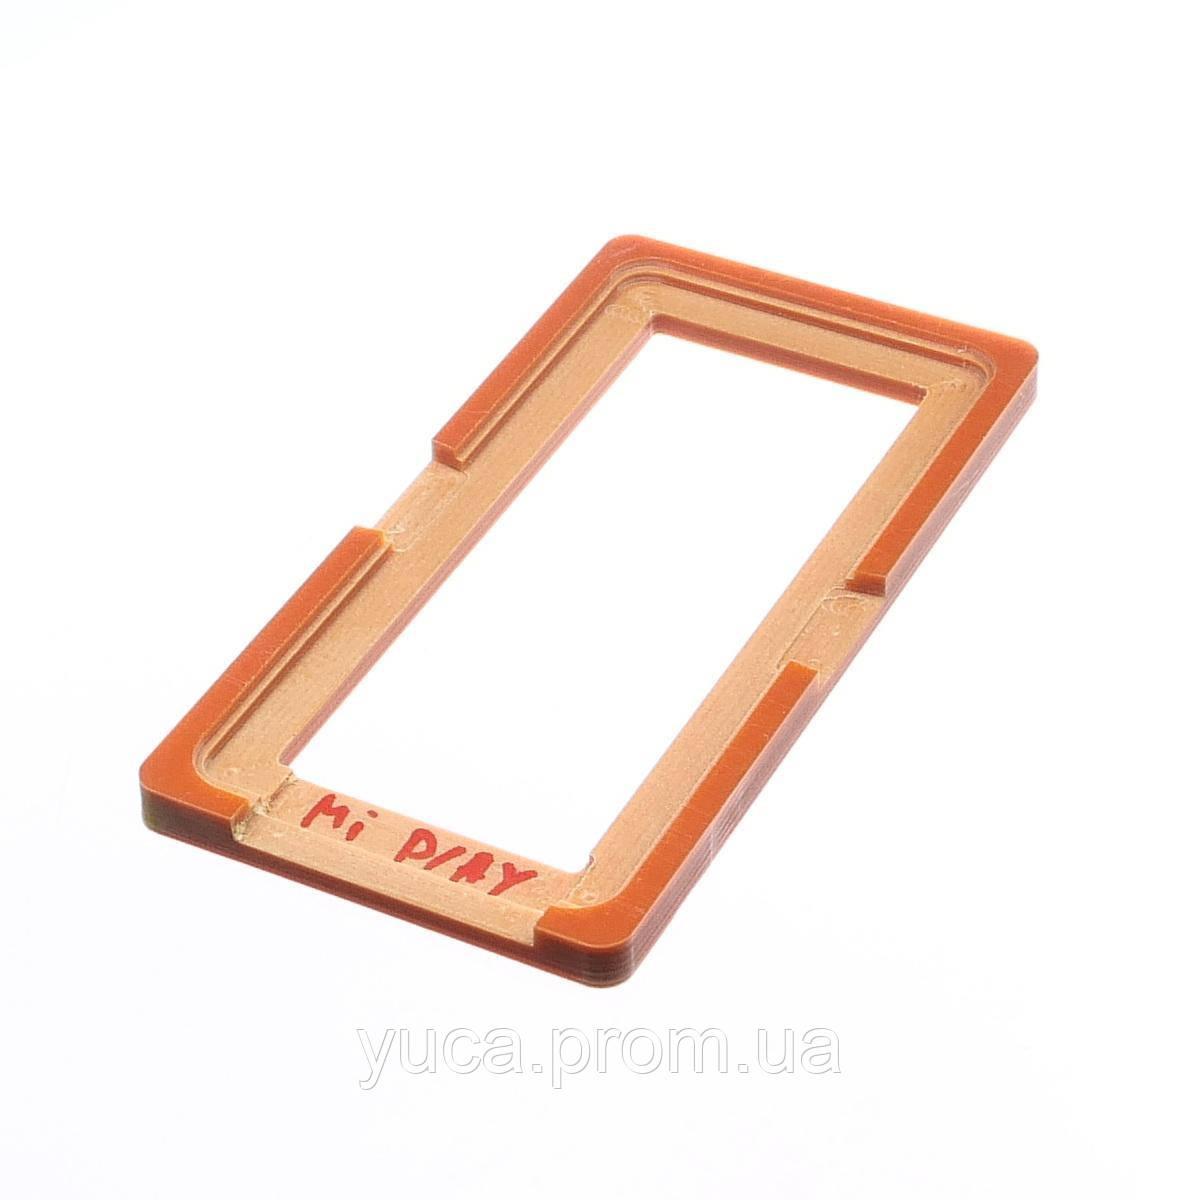 Форма для Xiaomi Mi Play, для фіксації комплекту дисплей + тачскрін при склеюванні